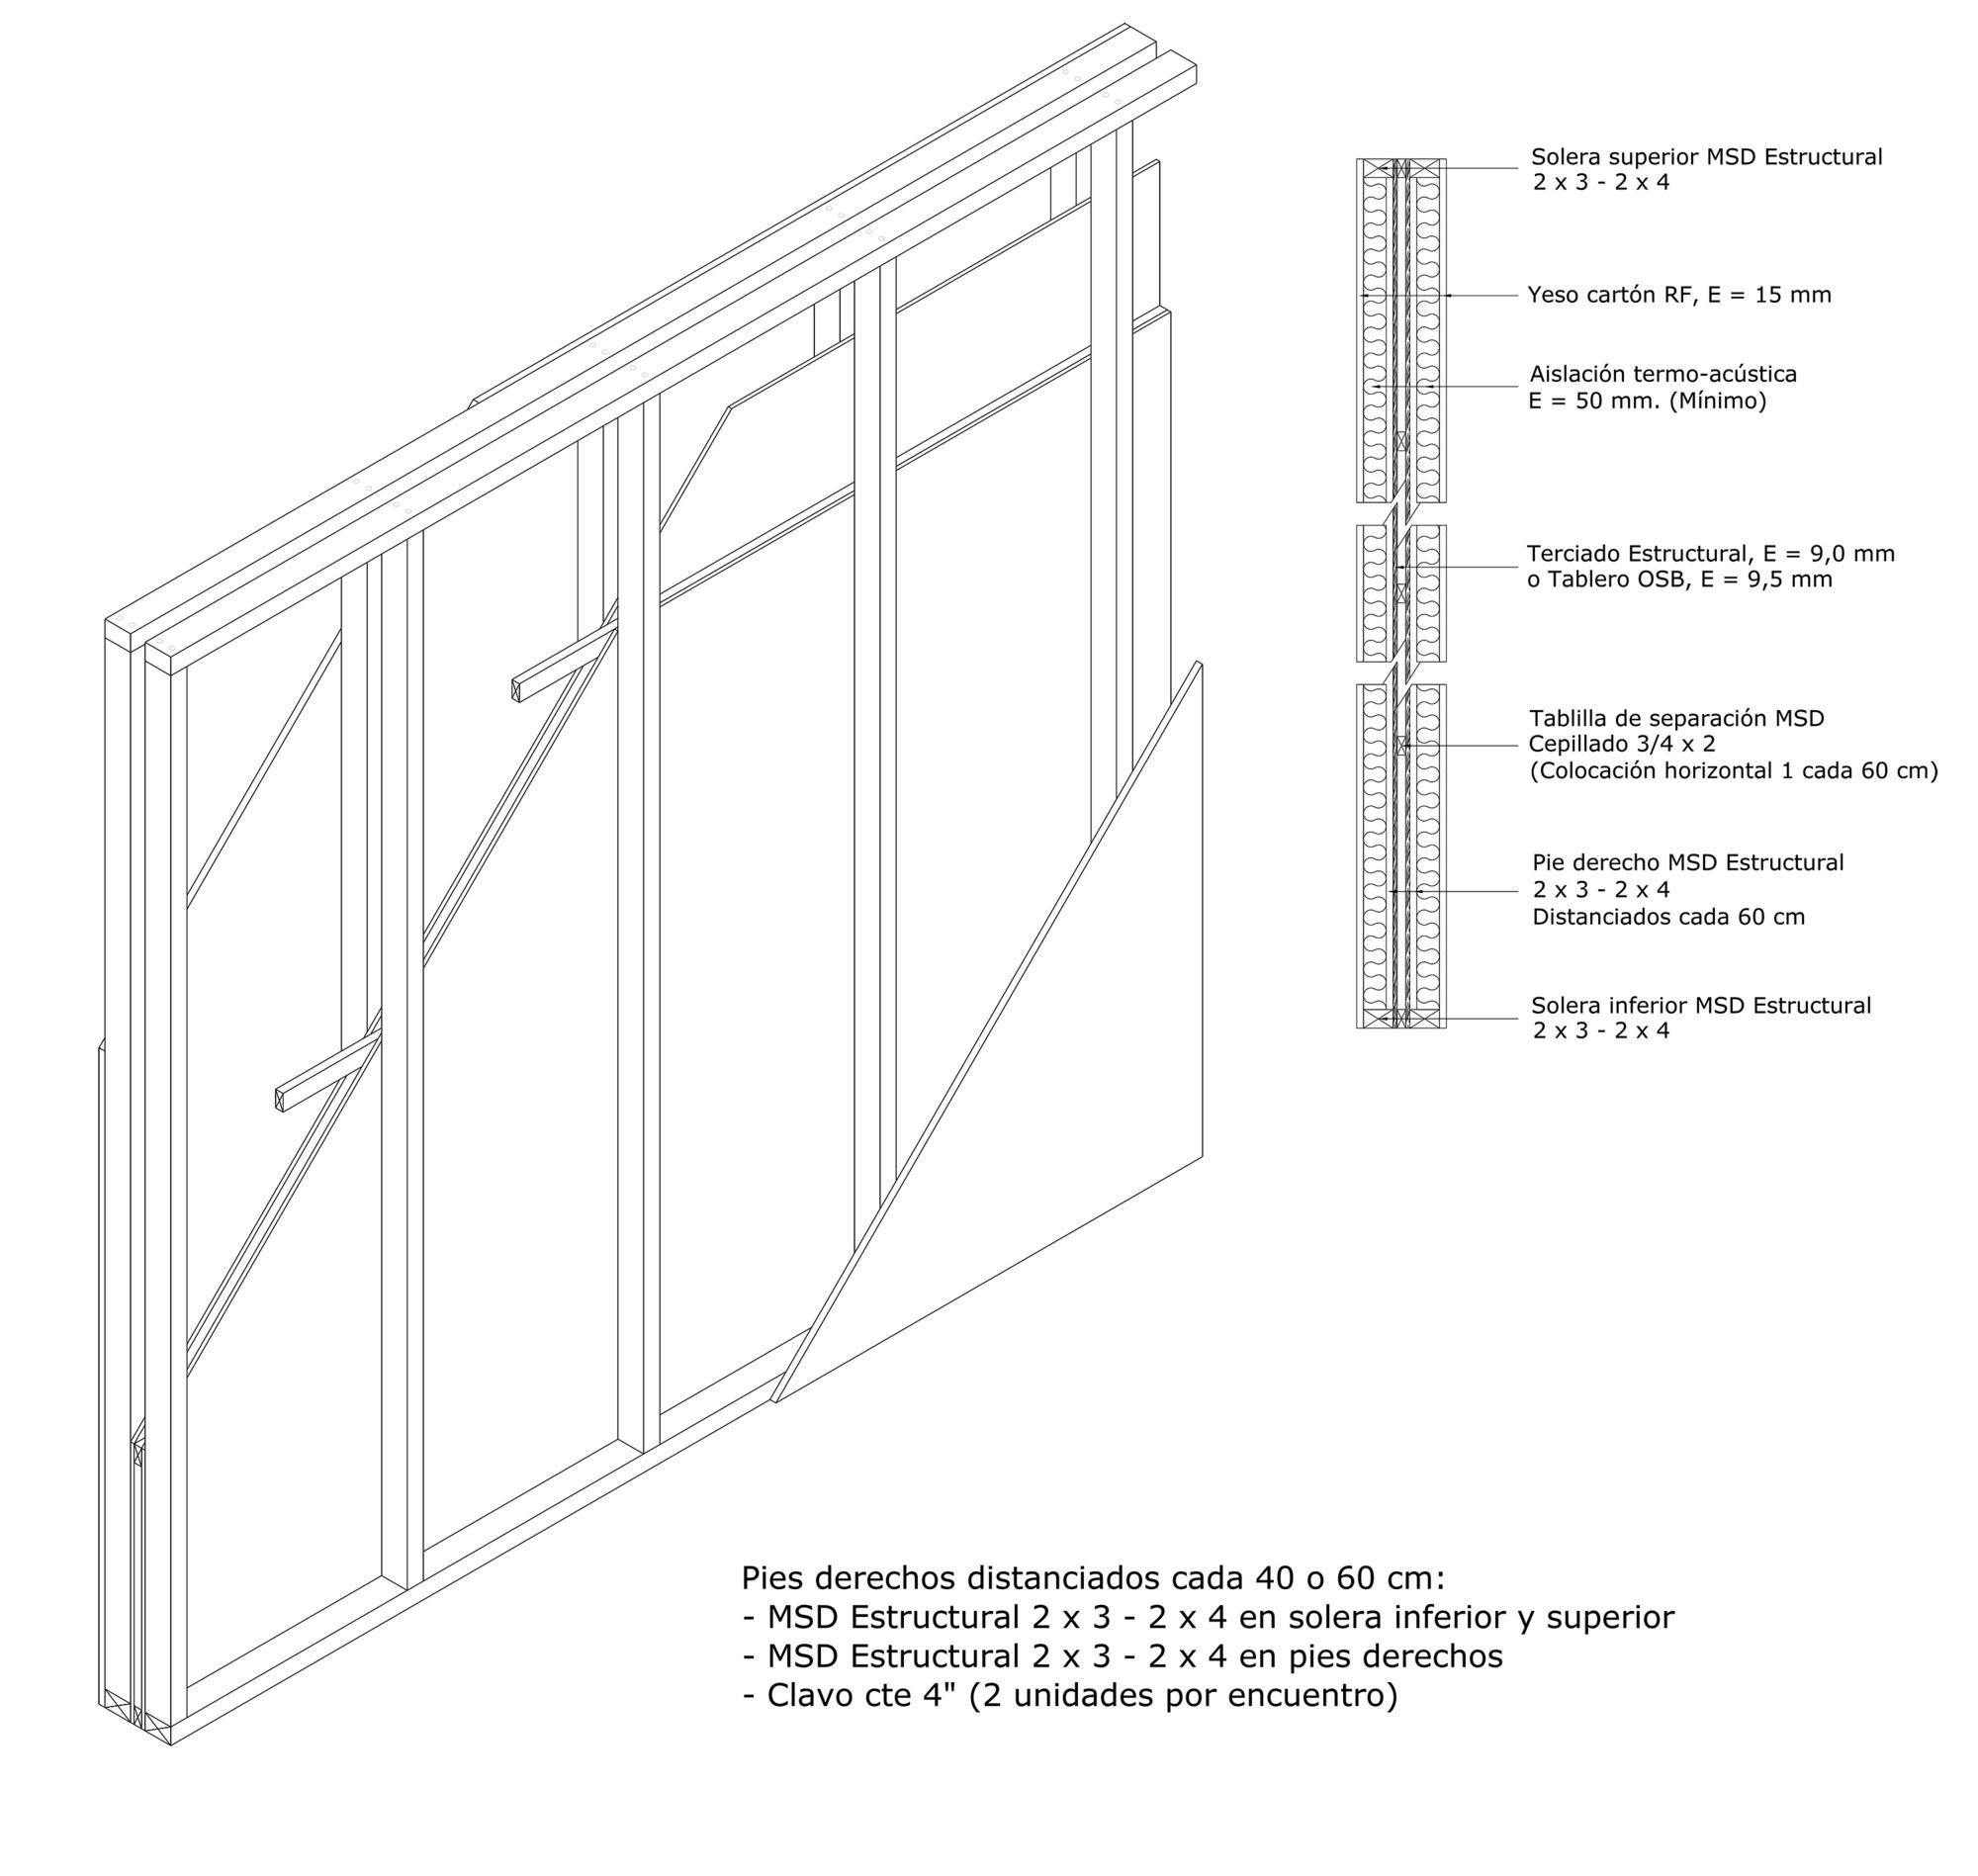 Galería de Materiales: Detalles Constructivos en Madera - 21 | Arch ...